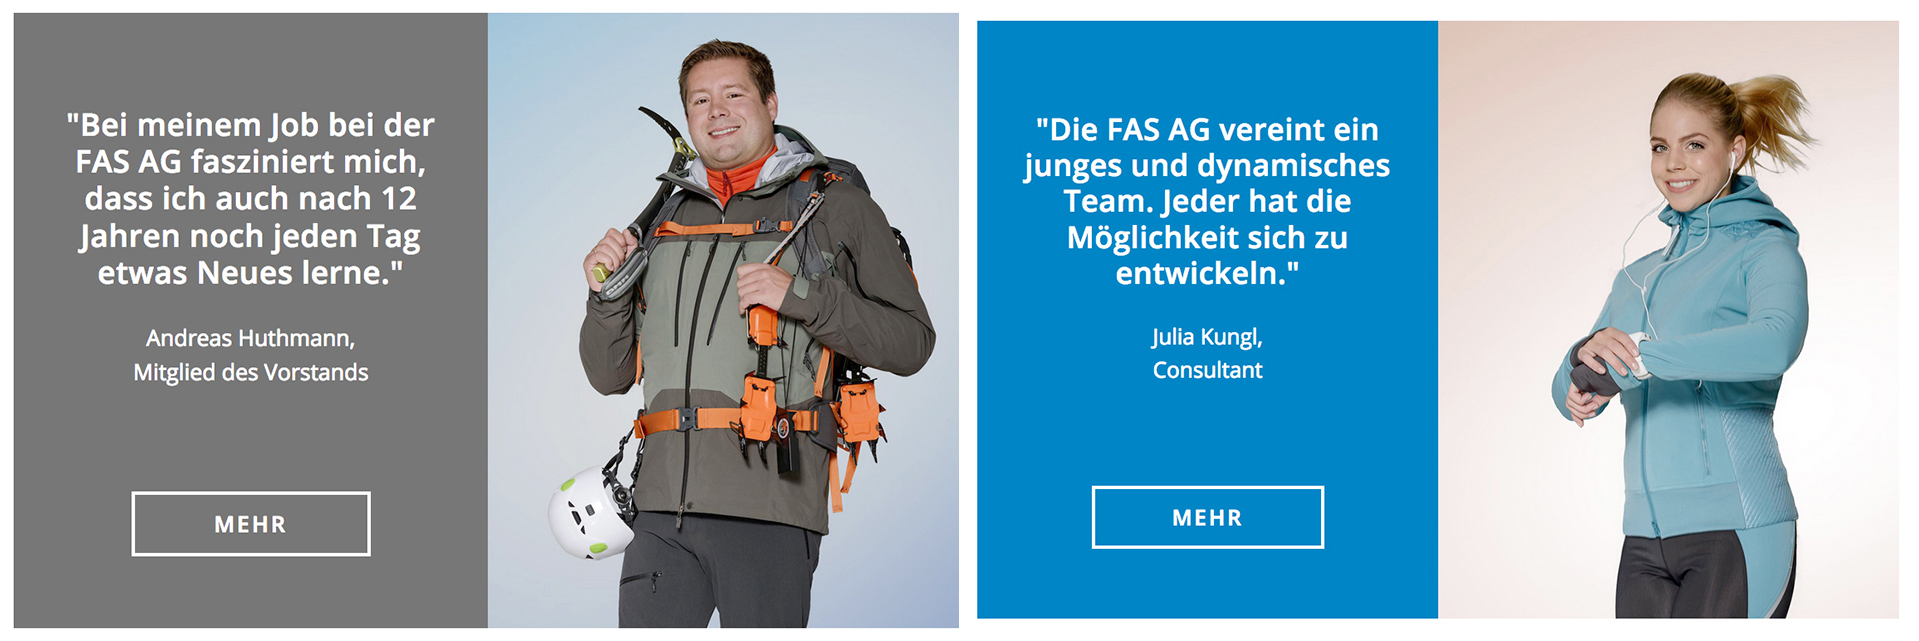 fas-blog3